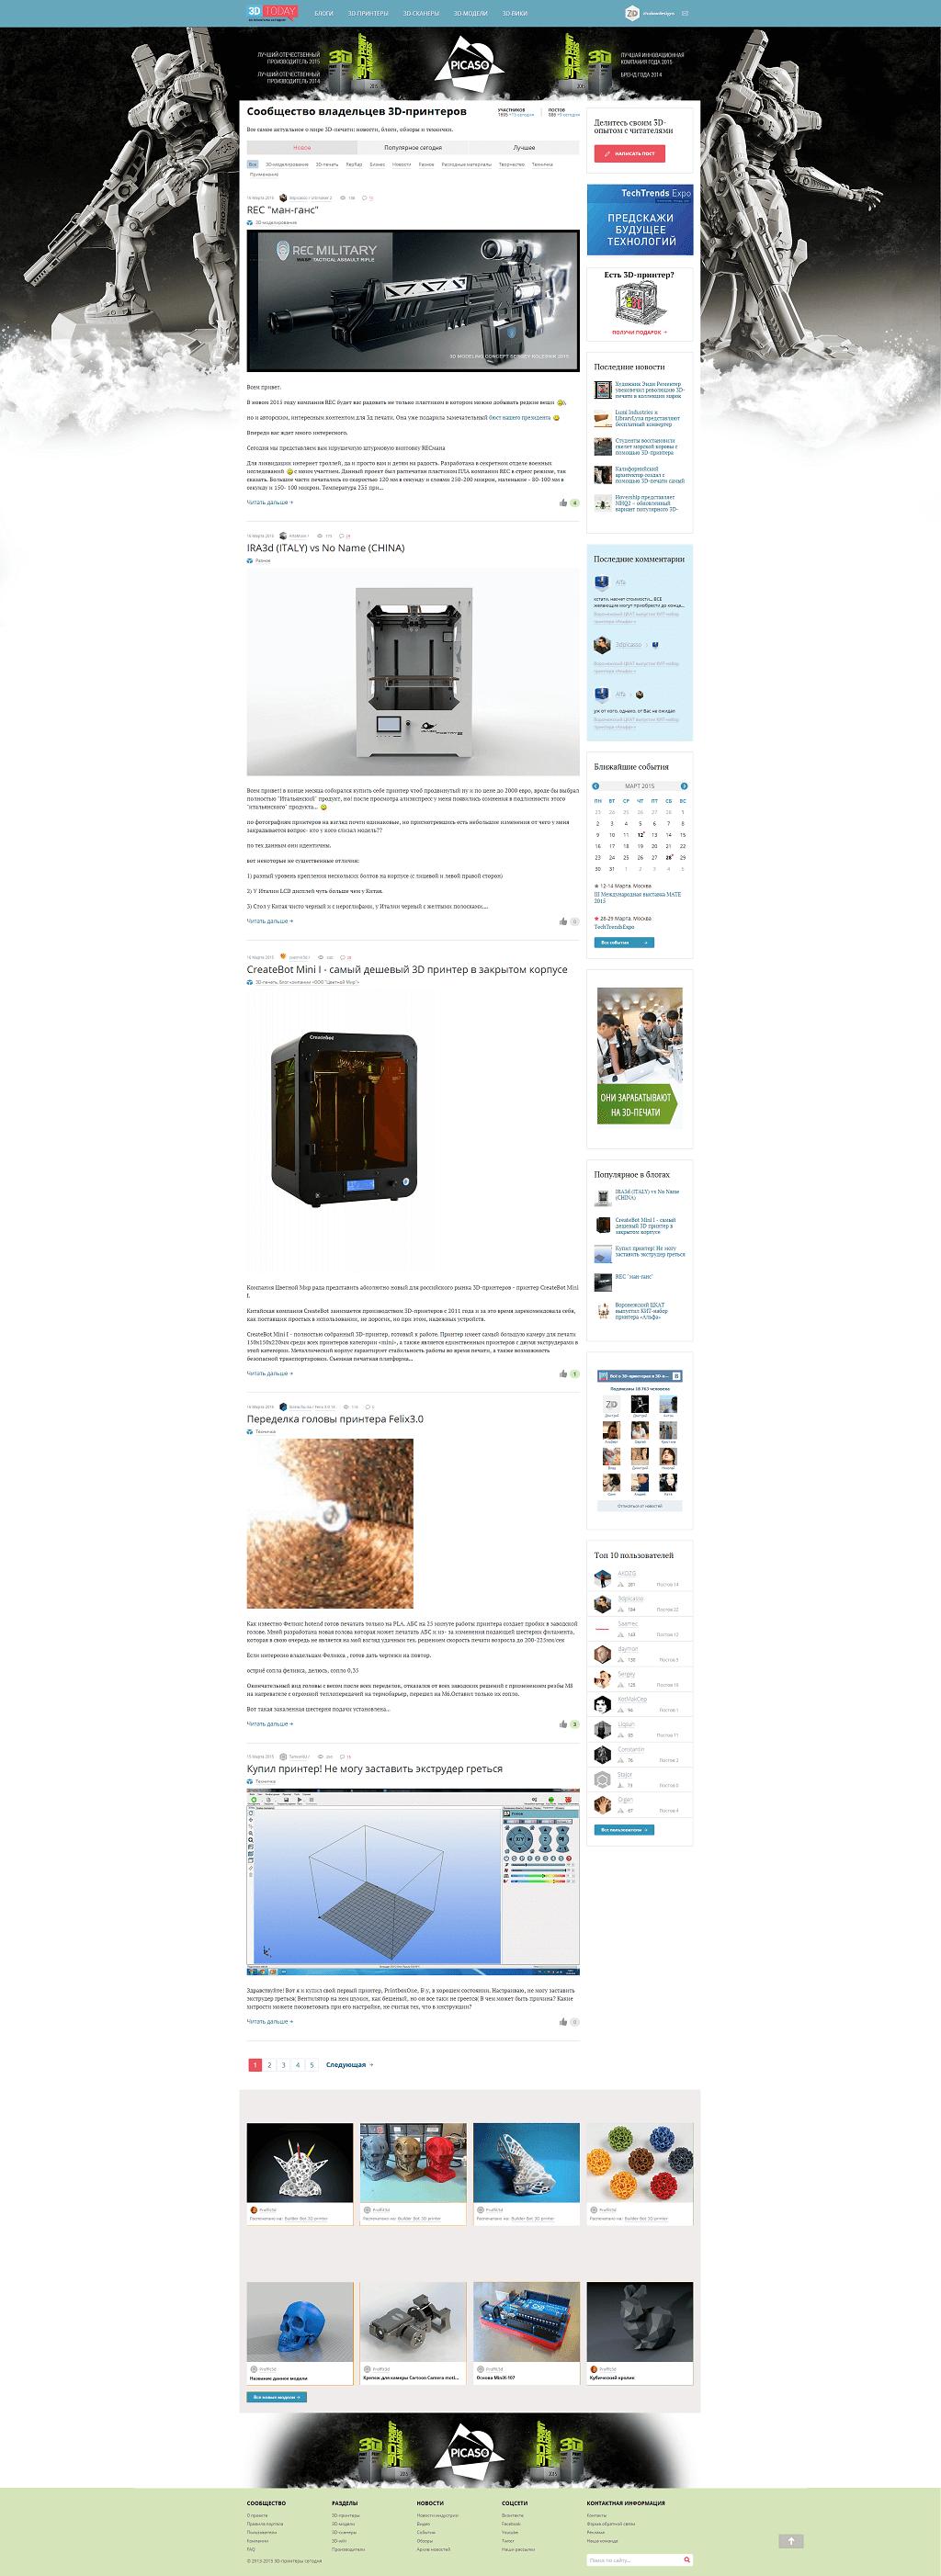 Брендирование PICASO 3D - имиджевая реклама